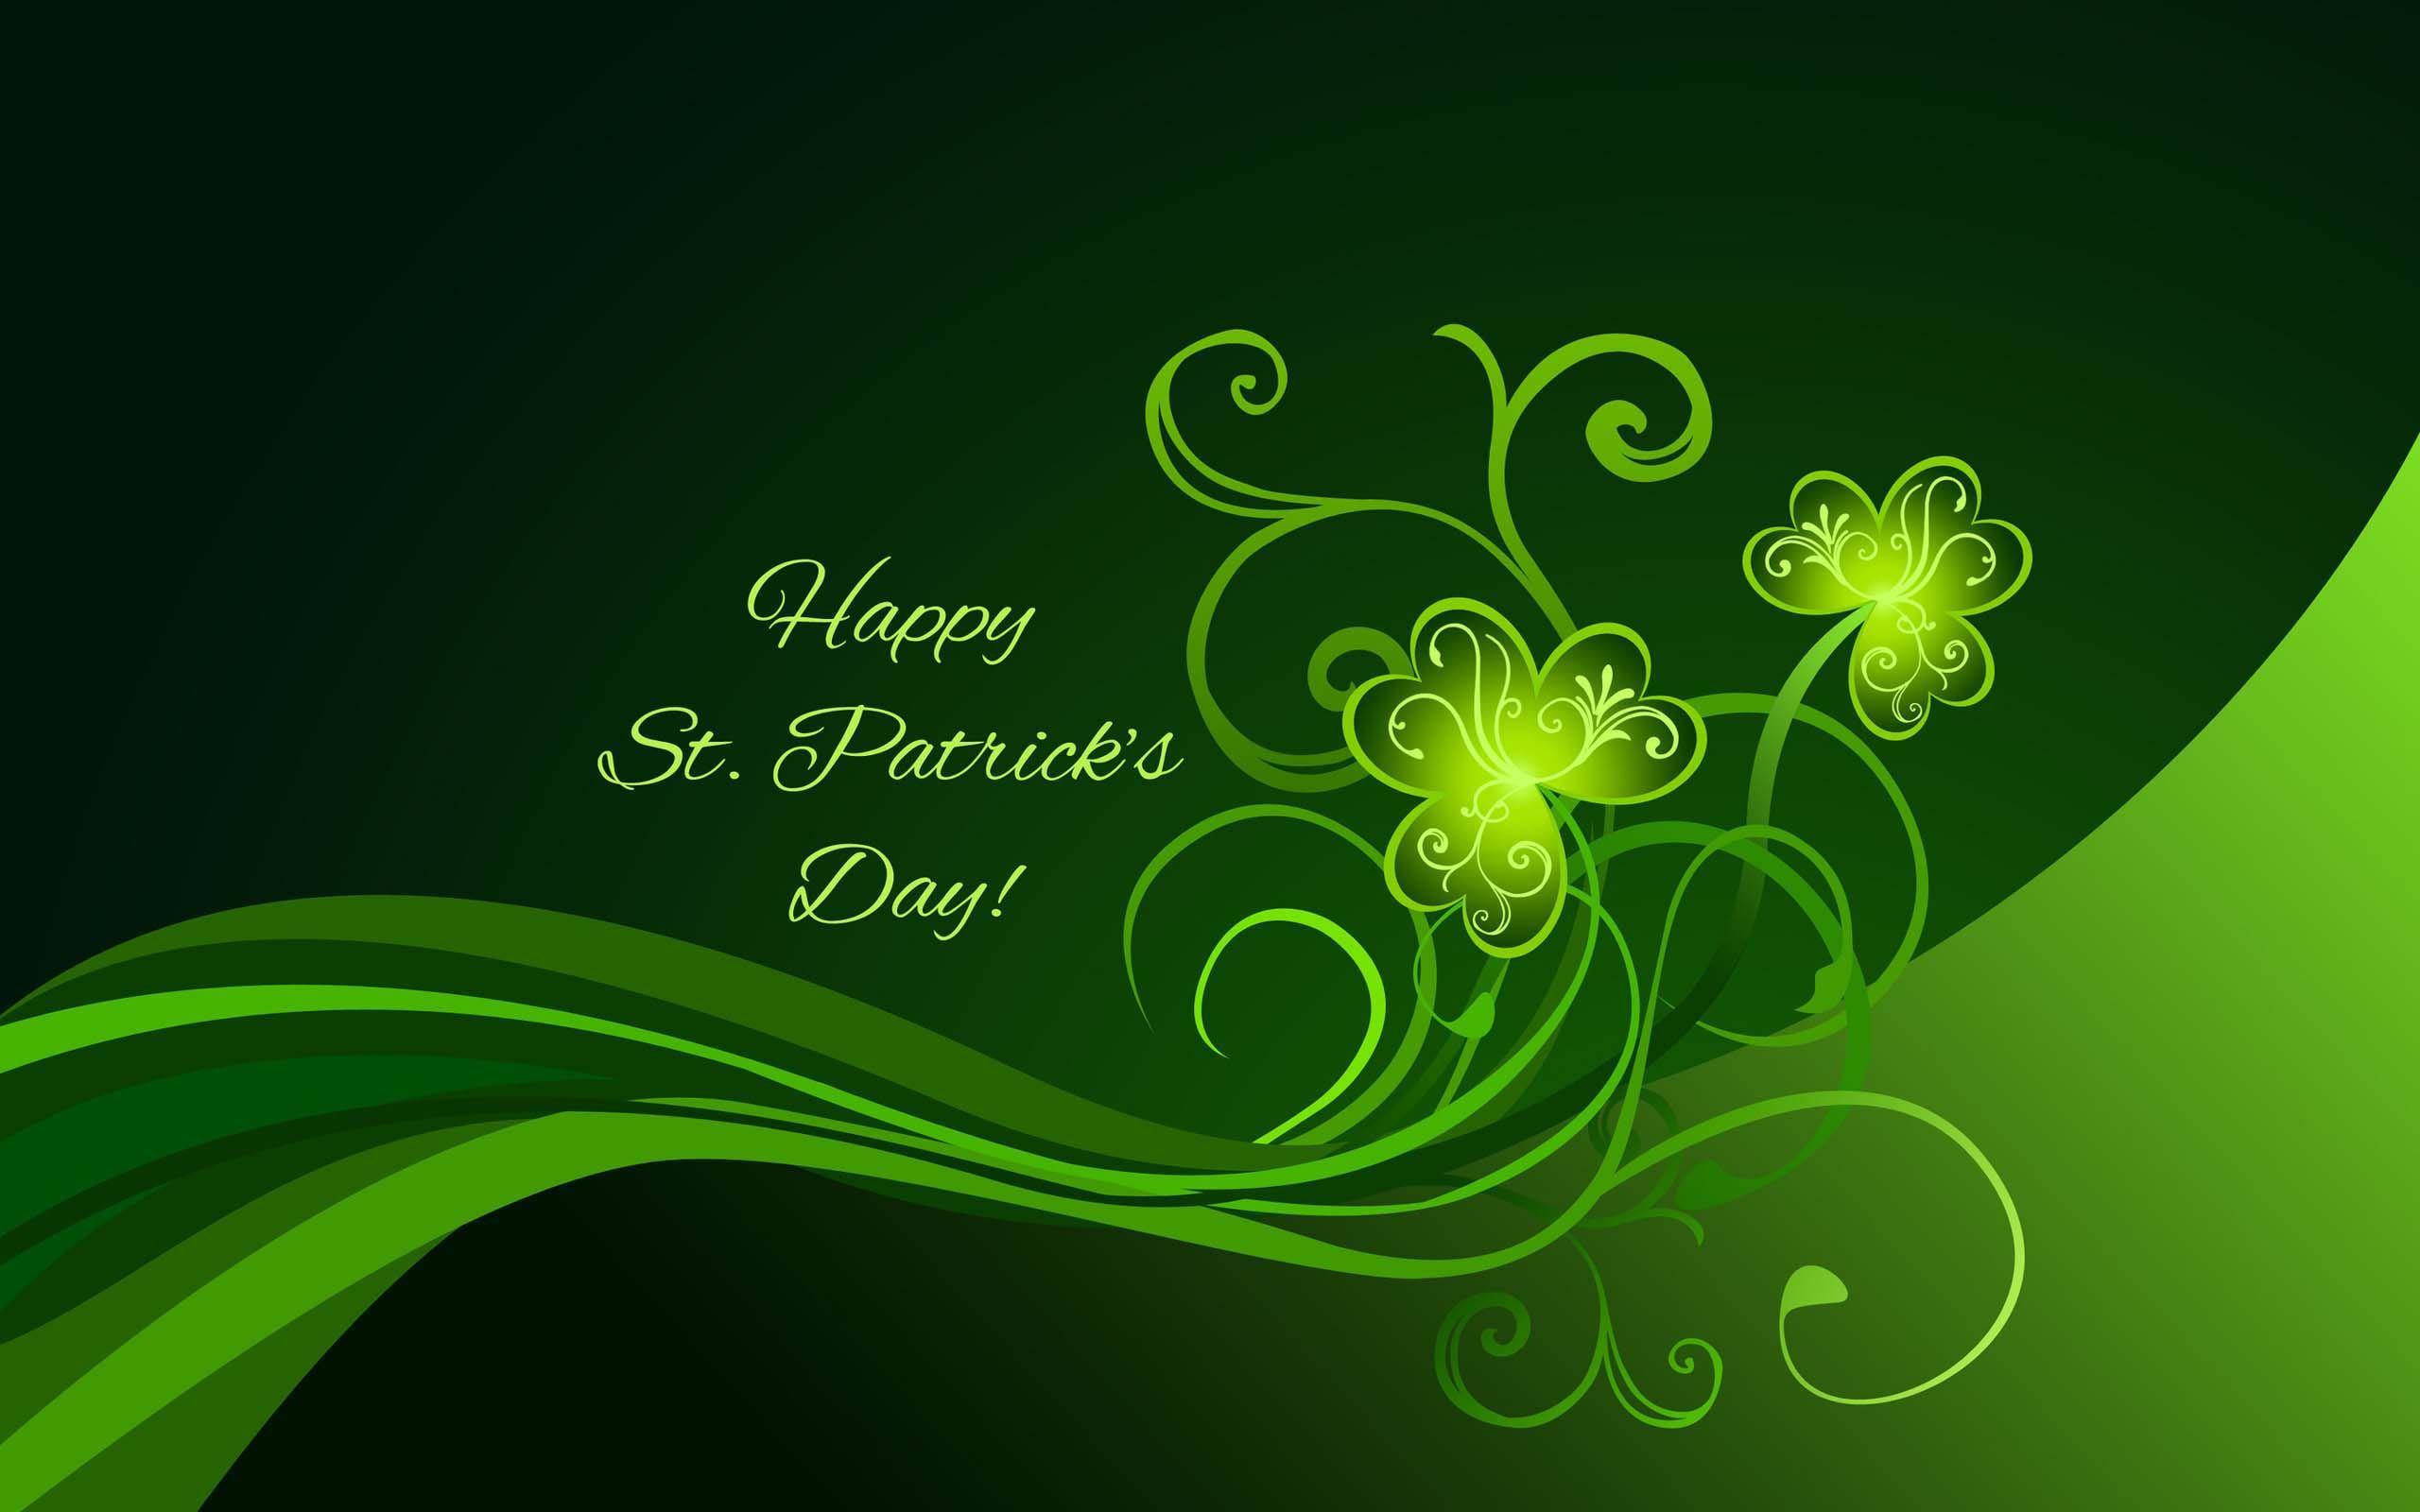 Patricks Day Backgrounds   St Patricks Day 196118   HD 2560x1600